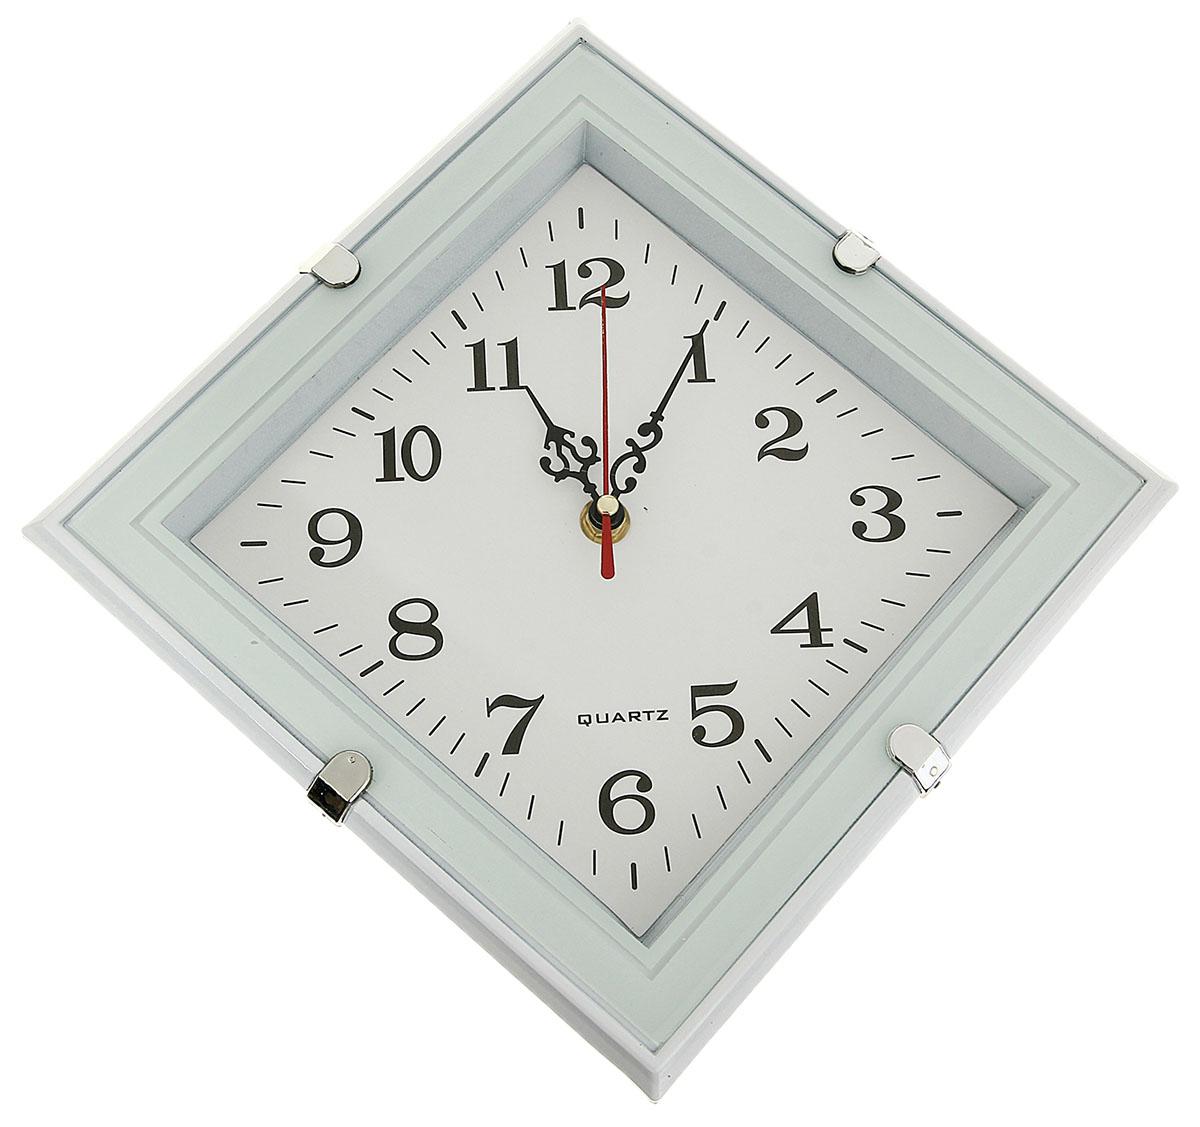 Часы настенные Ромб, 31 х 31 см831342Часы настенные Ромб - функциональная деталь интерьера в доме. Окружите себя приятными мелочами, пусть они радуют глаз и дарят гармонию.